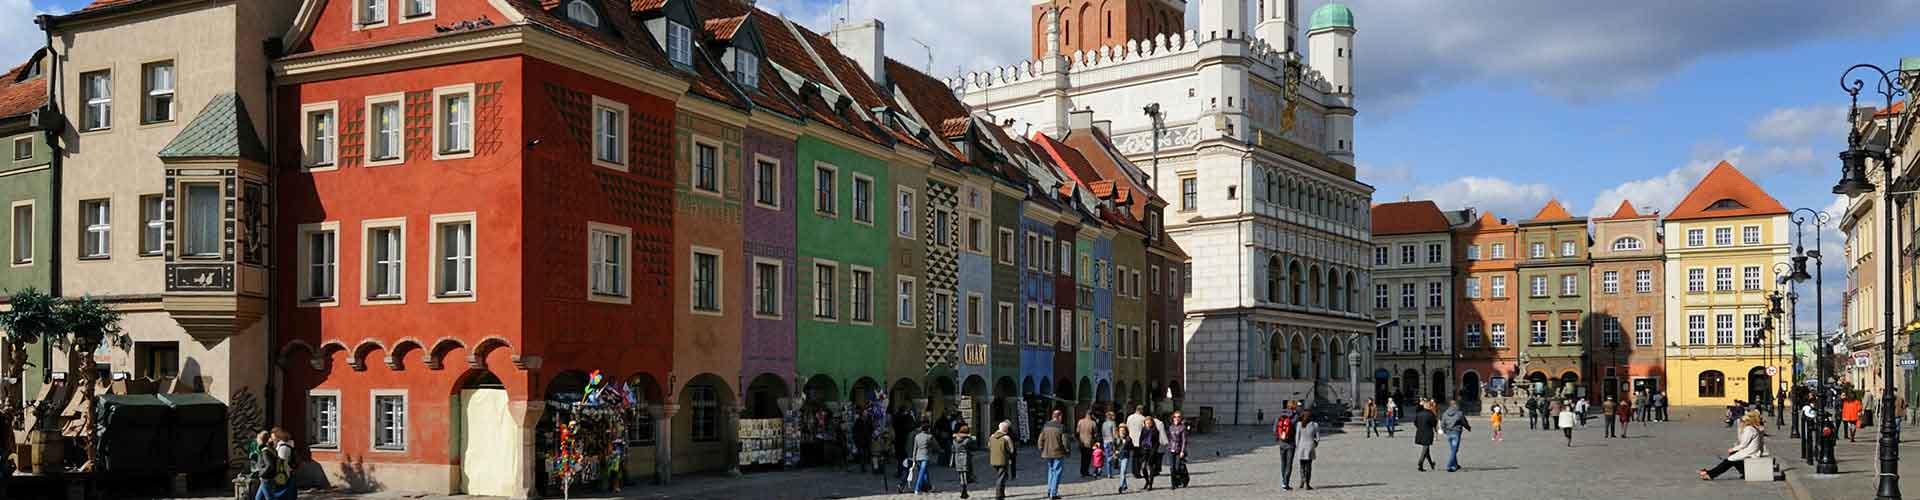 Poznan - Auberges de jeunesse à Poznan. Cartes pour Poznan, photos et commentaires pour chaque auberge de jeunesse à Poznan.